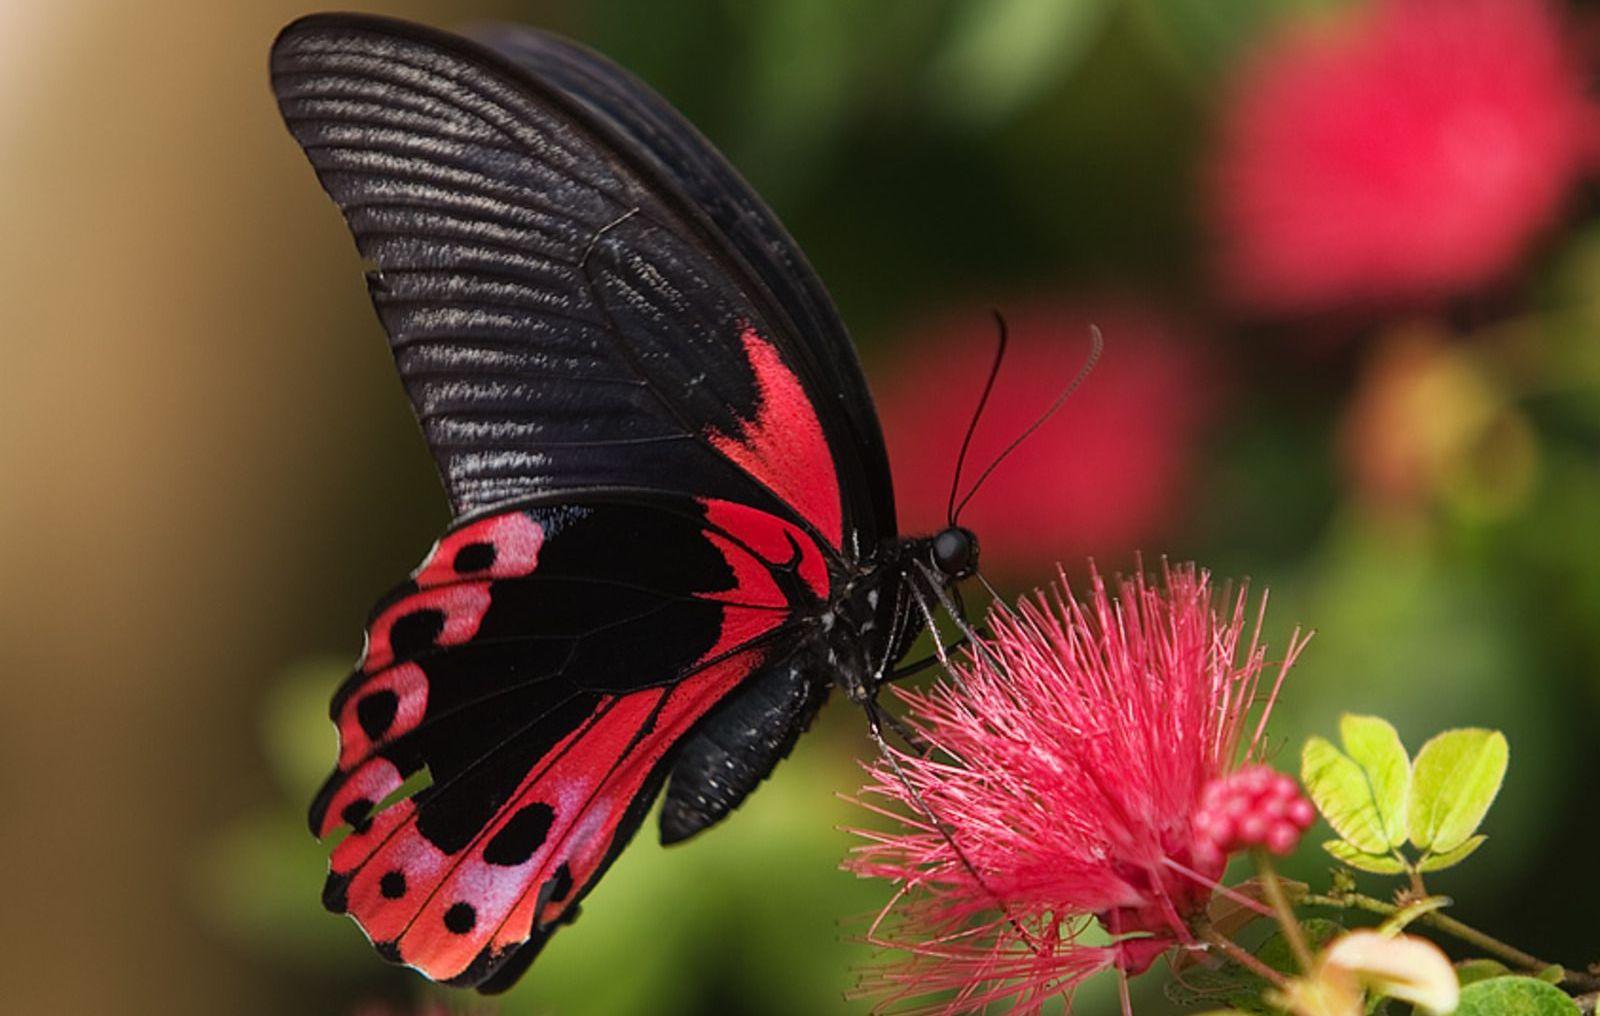 Крылья, поглощающие свет: секрет сверхчерных бабочек - 1